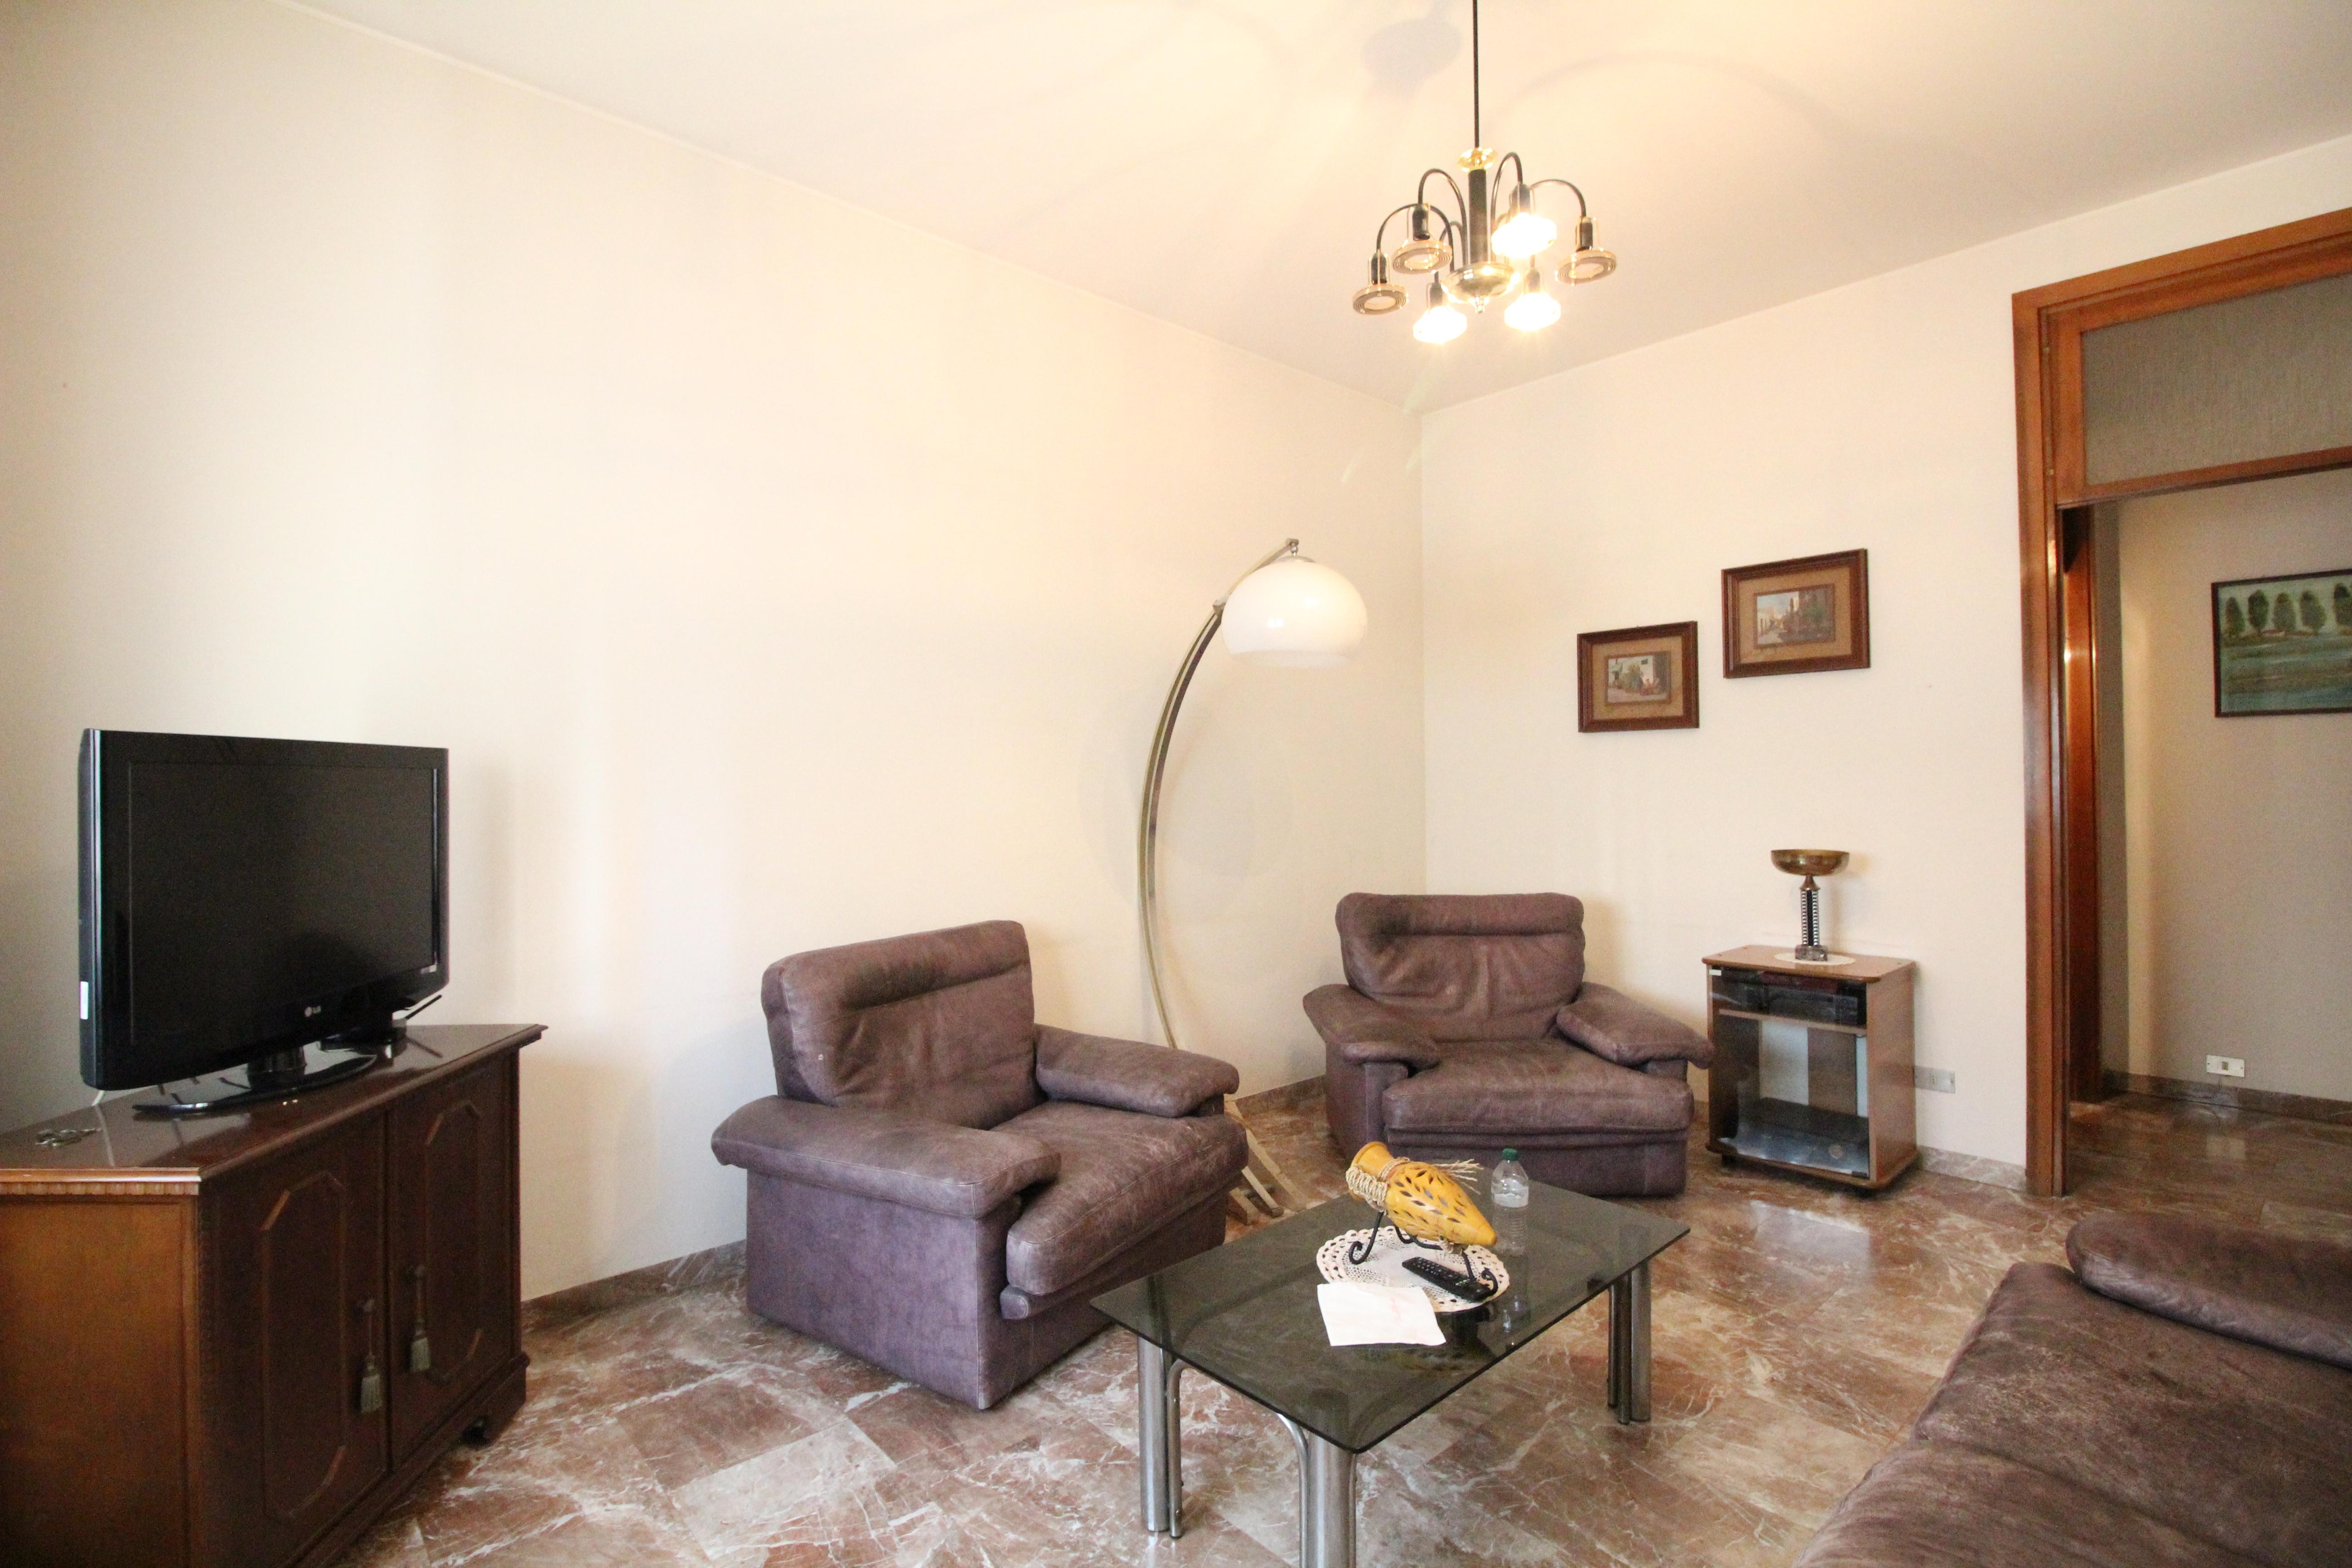 Trezzo sull'adda – bilocale con cucina abitabile e terrazzo di 20mq